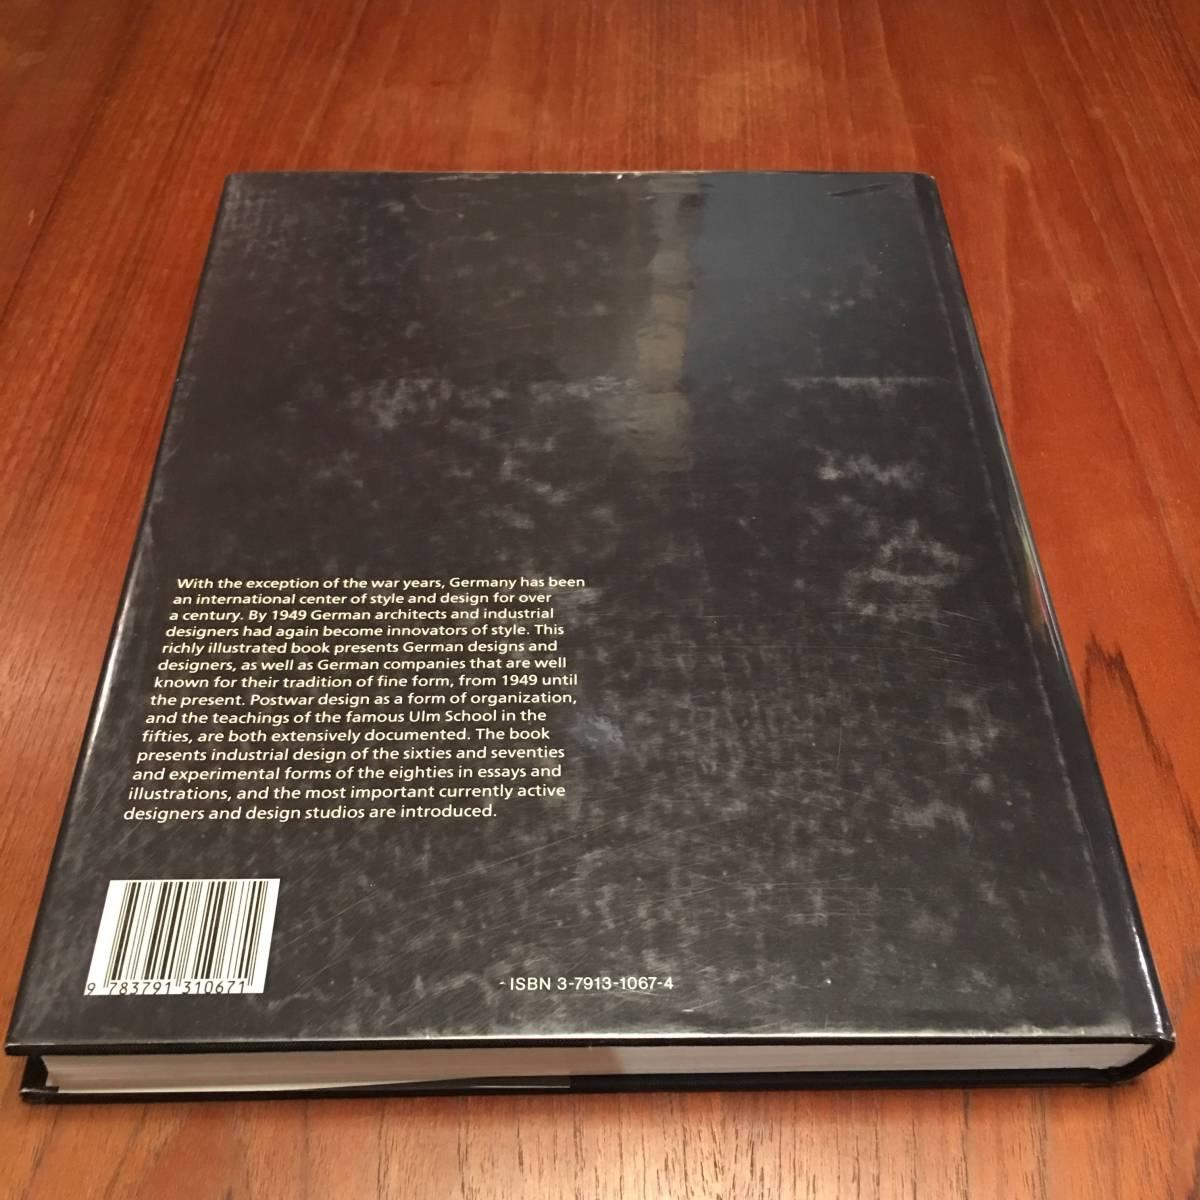 洋書 Braun ディーターラムス スペースエイジ プロダクトデザイン ミッドセンチュリー インテリア レトロ MOMA kartell 70s_画像4